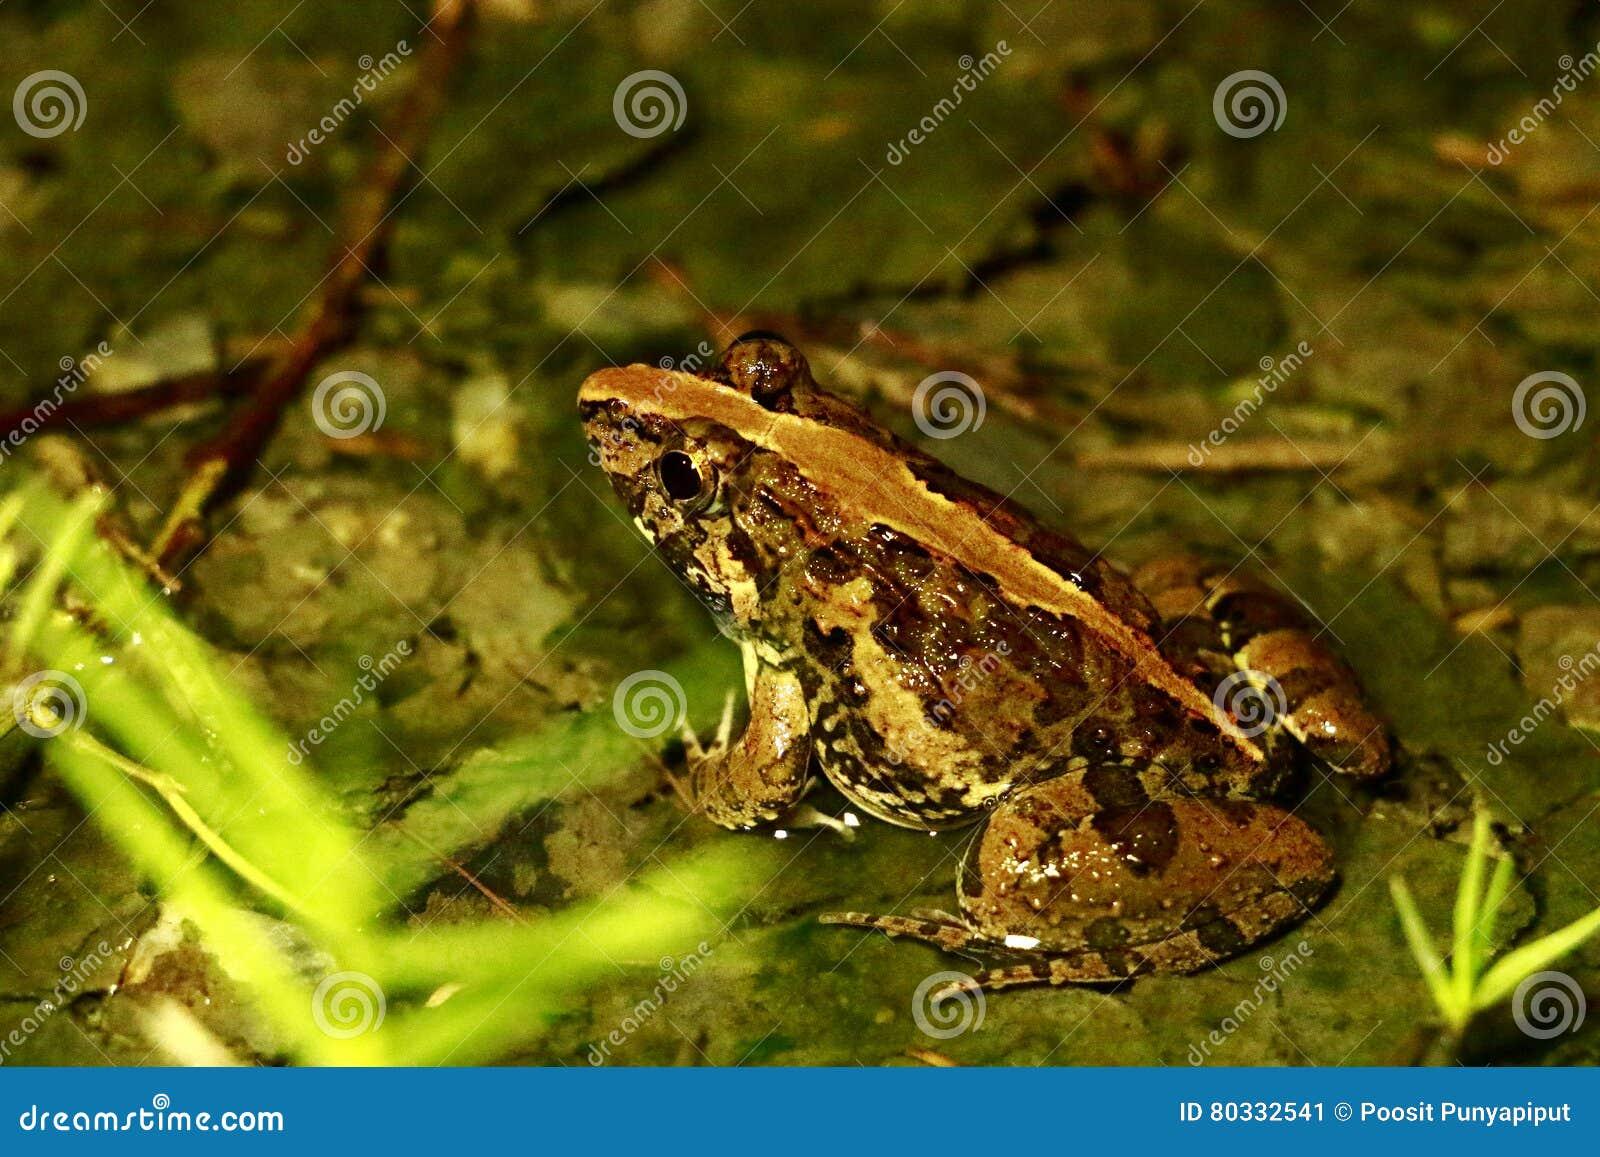 Анатомия лягушек, животных, лодкамиамфибий